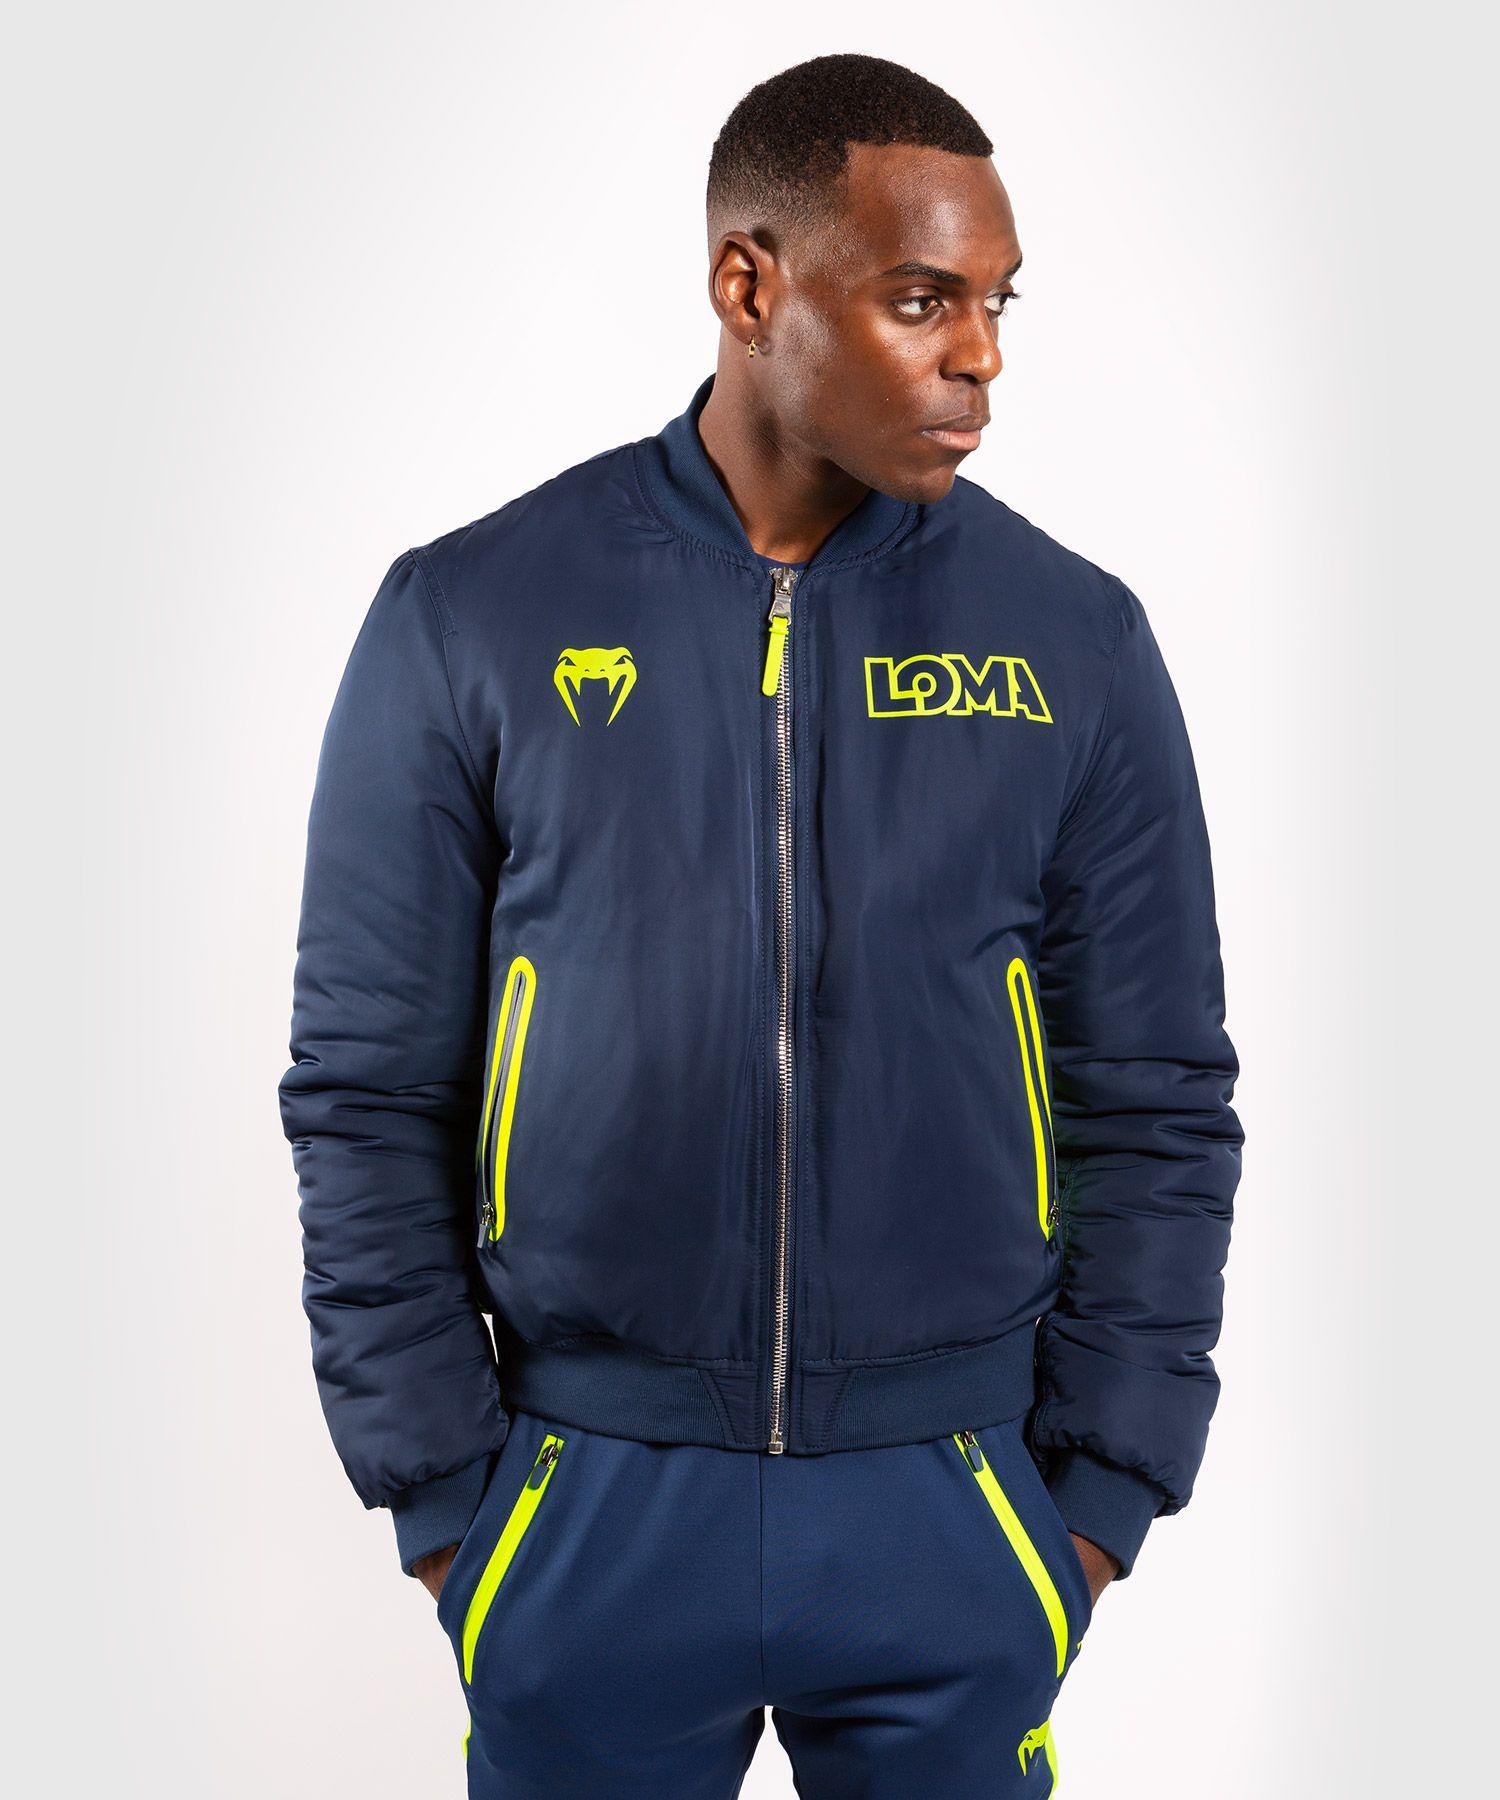 Куртка-бомбер Venum Origins  Loma Edition - Синий/Желтый